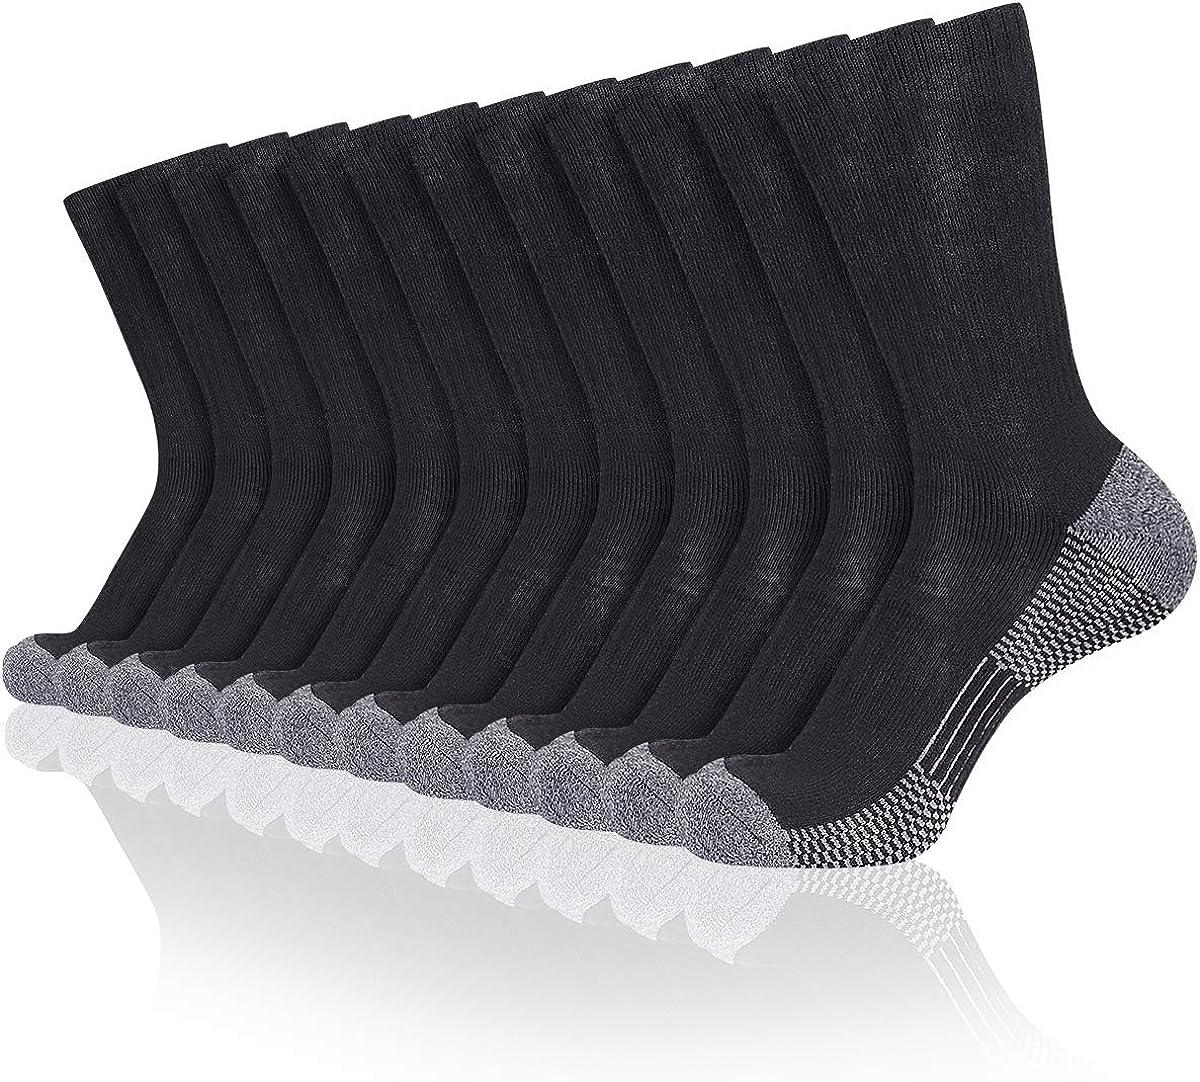 COOVAN 12 Pack Crew Socks for Men Full Cushion Moisture Wicking Athletic Socks